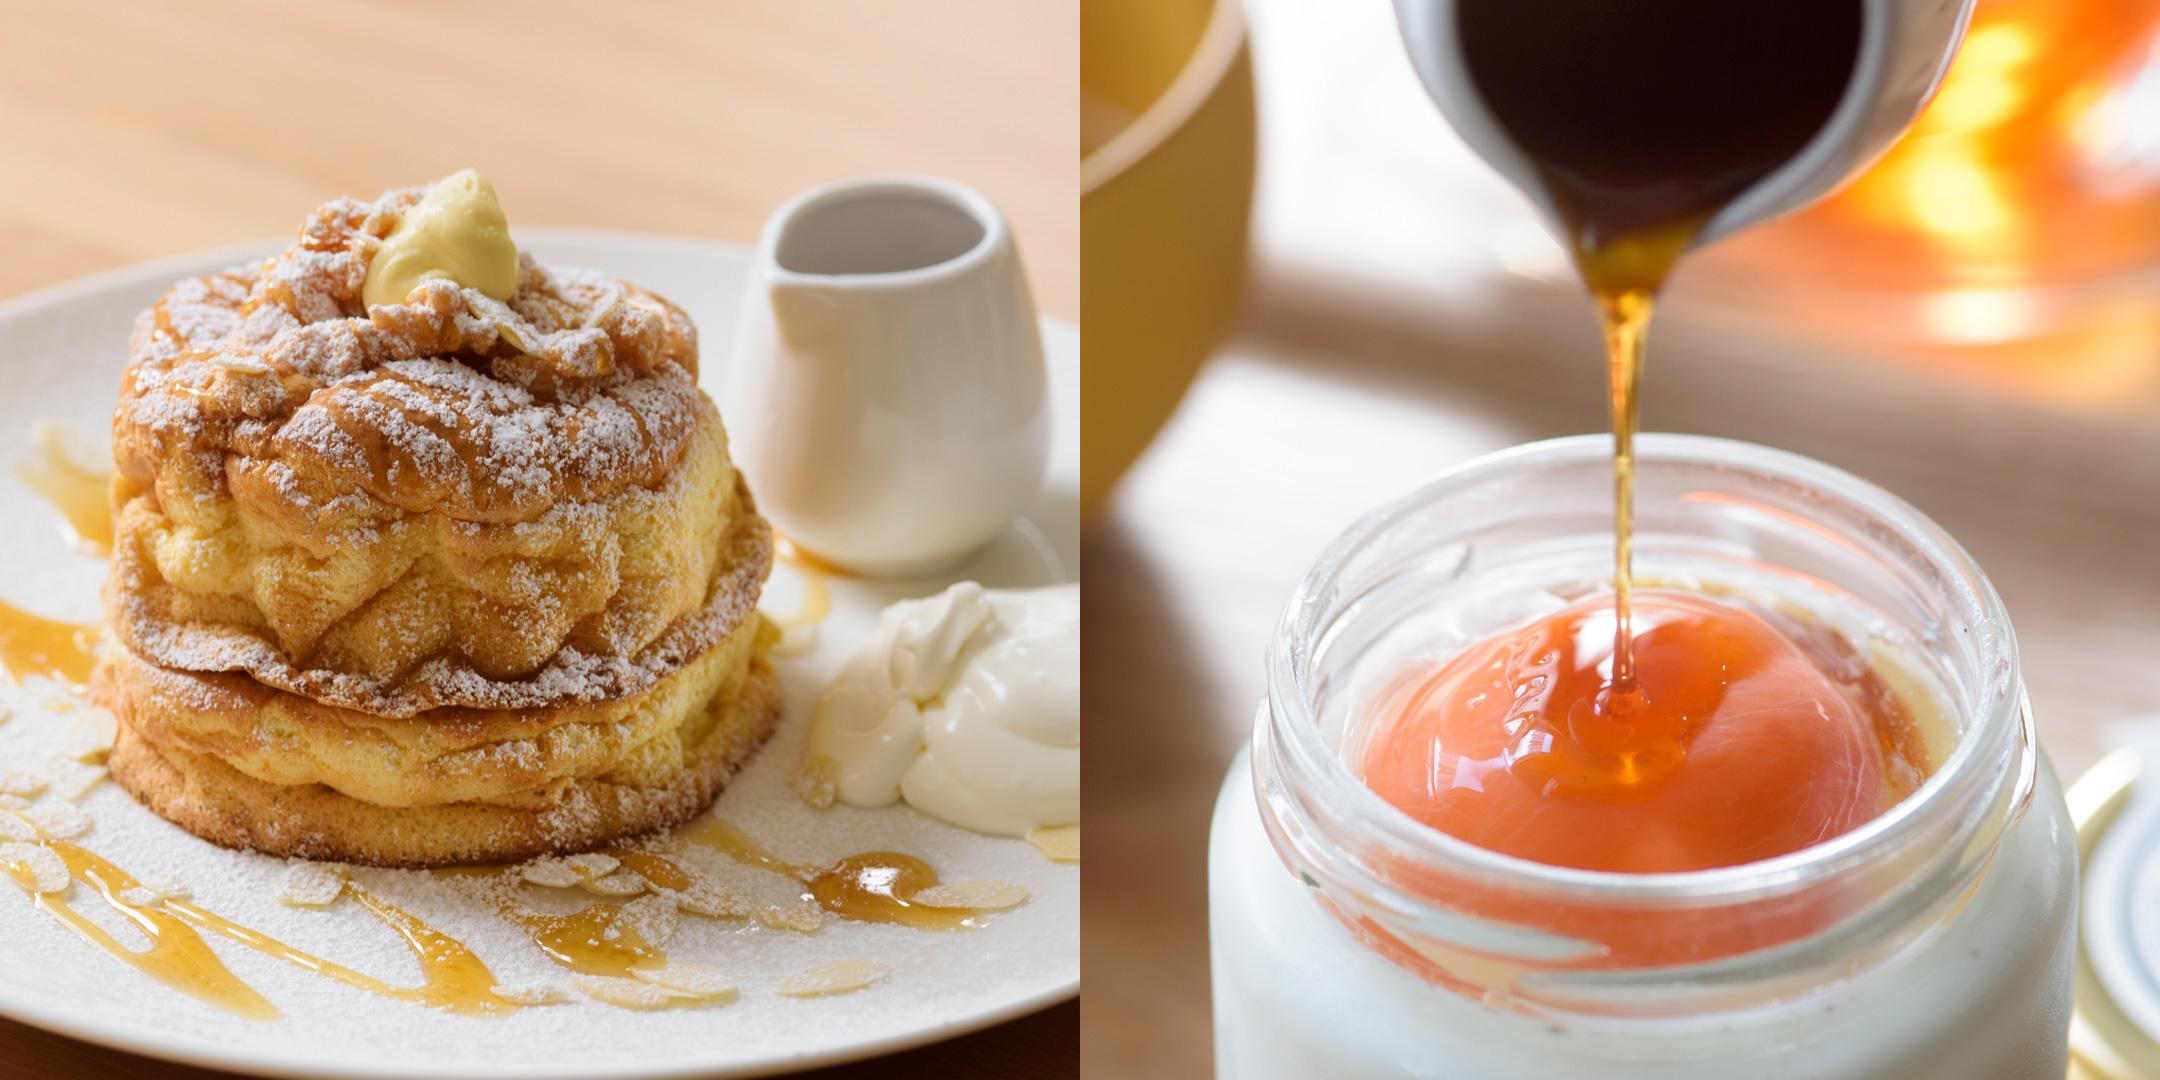 左:ふわふわ あおもりパンケーキ、右:あおもり生プリン